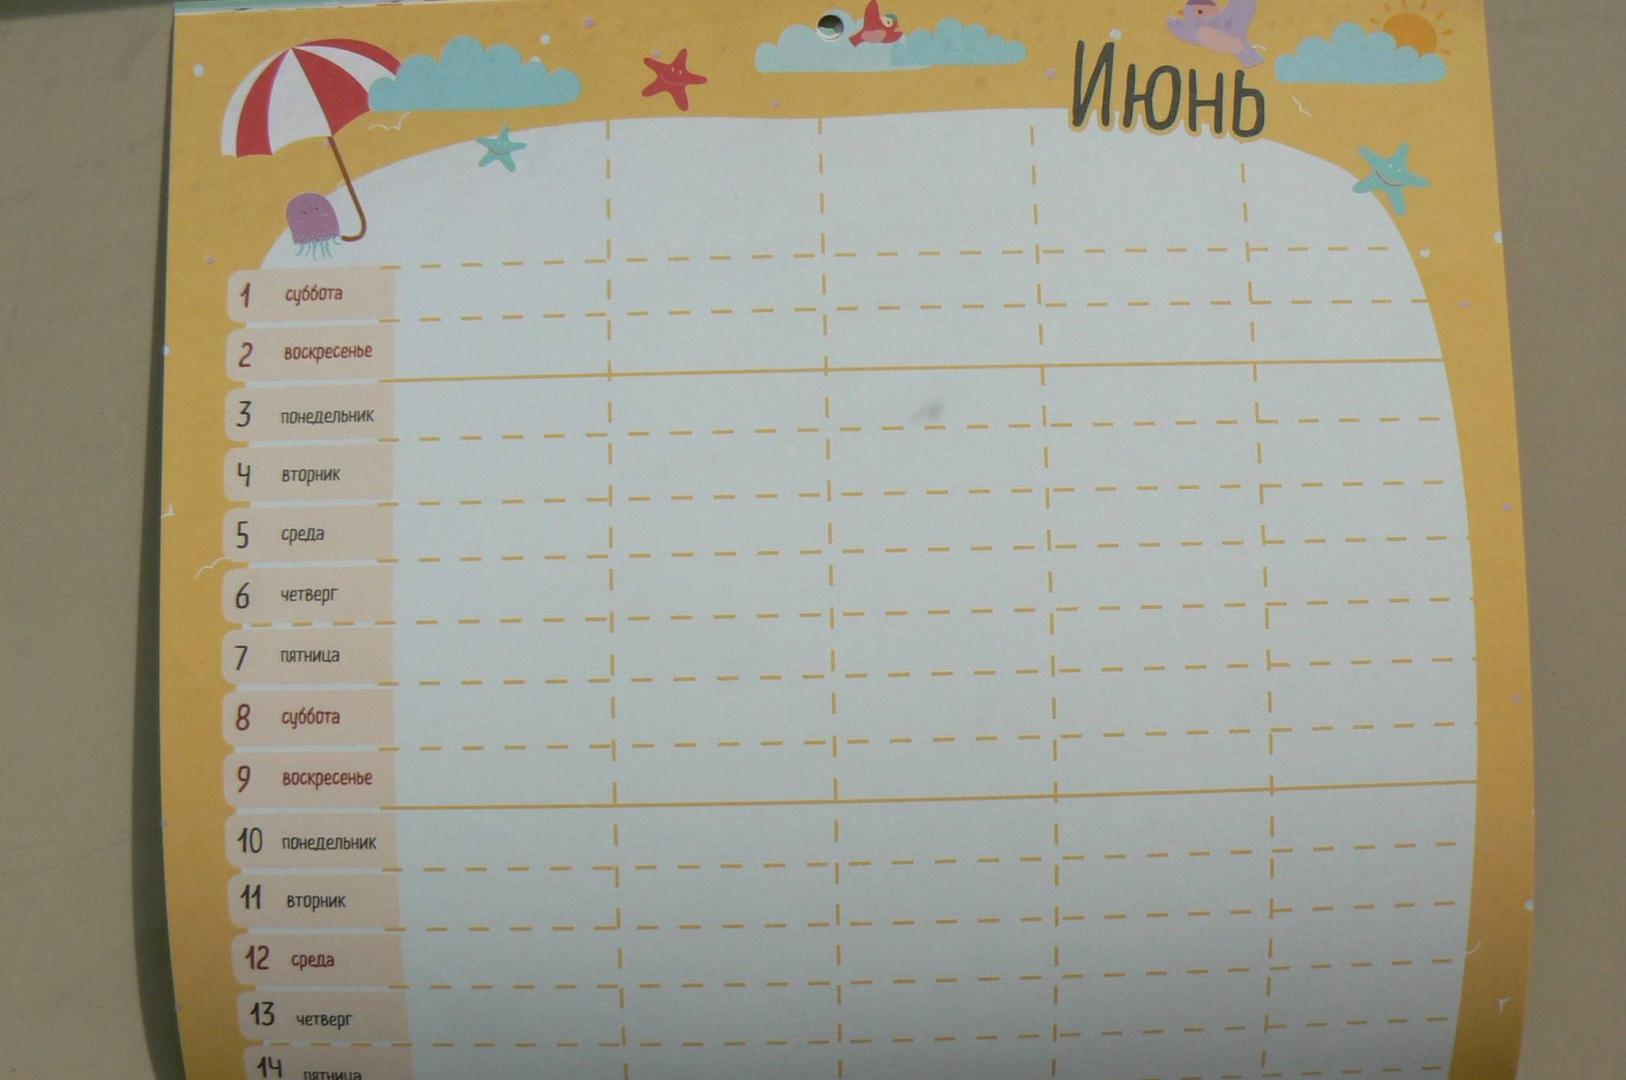 Изготовление календарей-планингов недорого